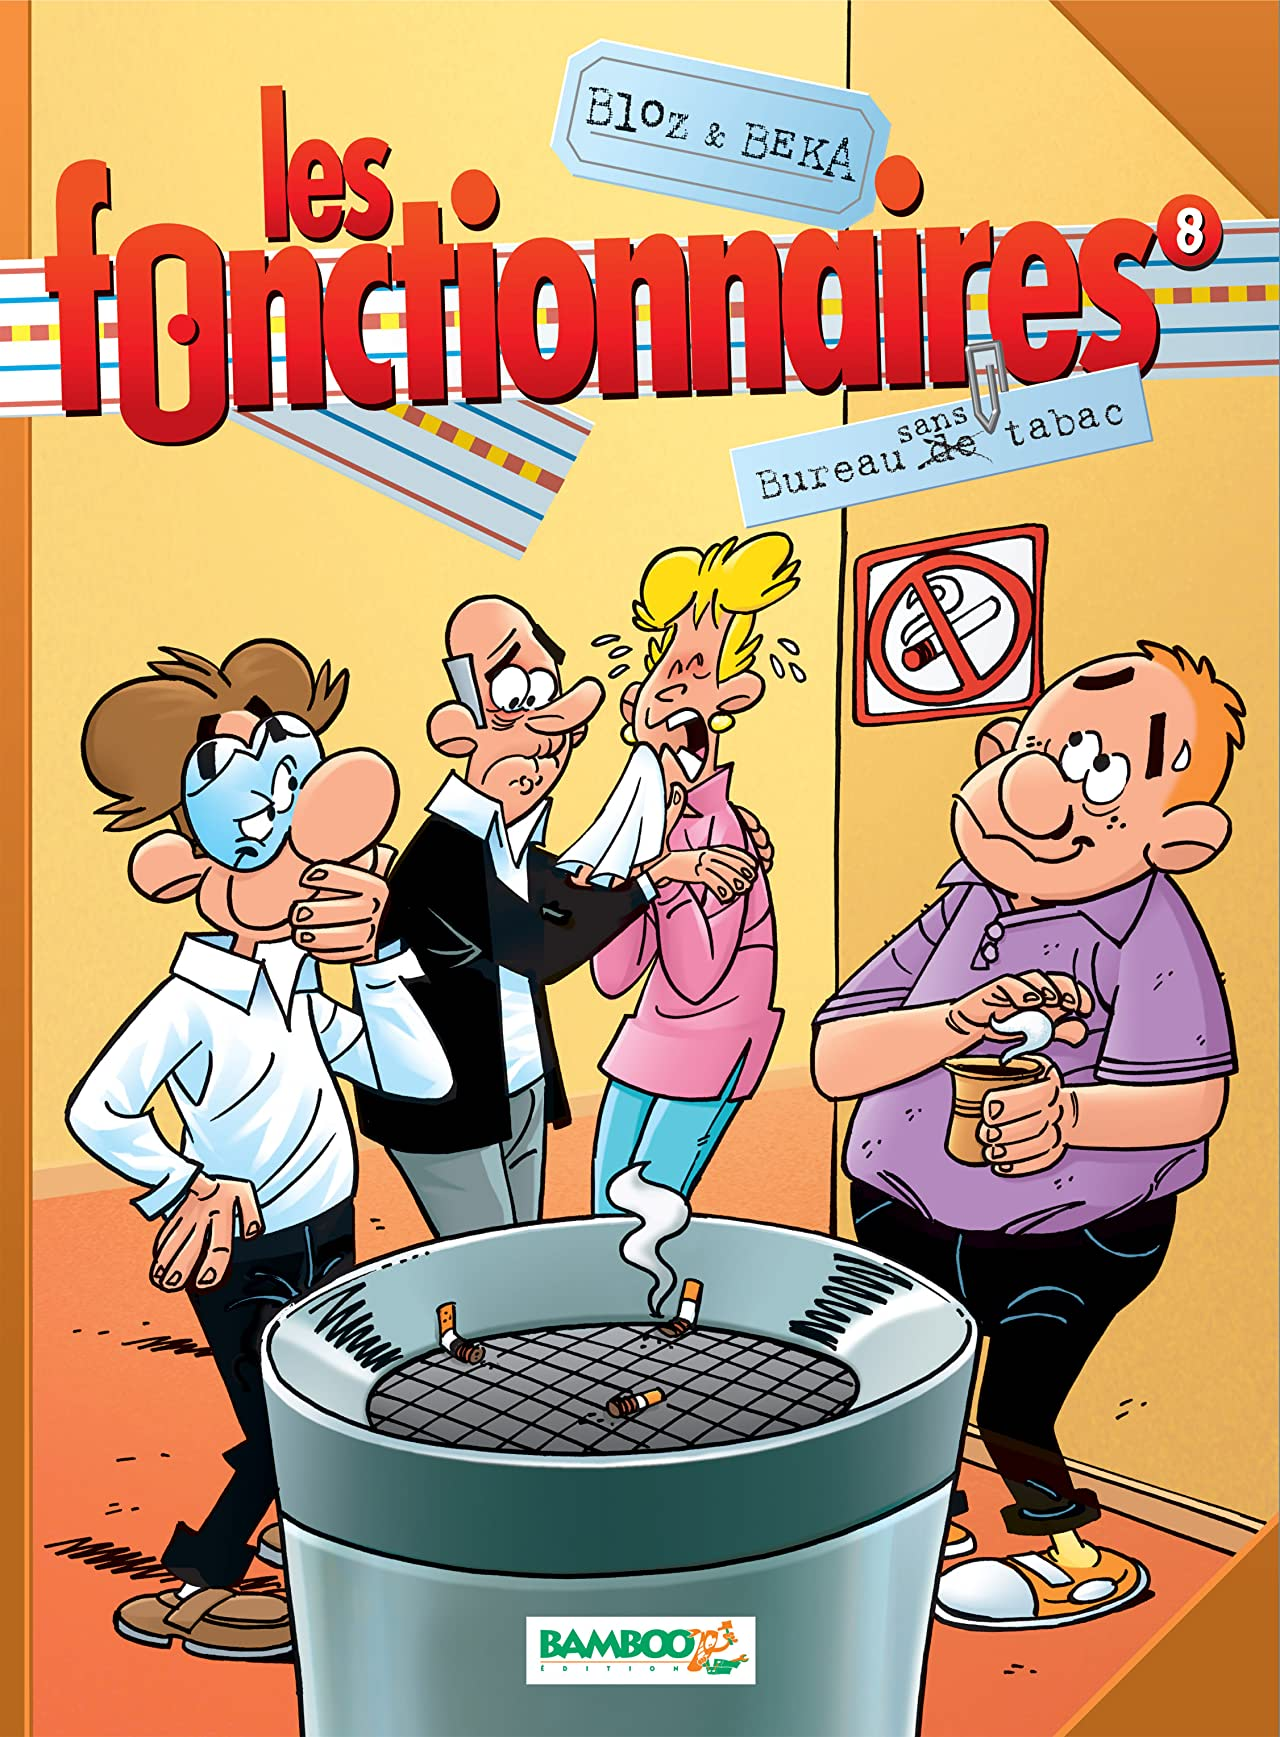 Les Fonctionnaires Vol. 8: Bureau sans tabac